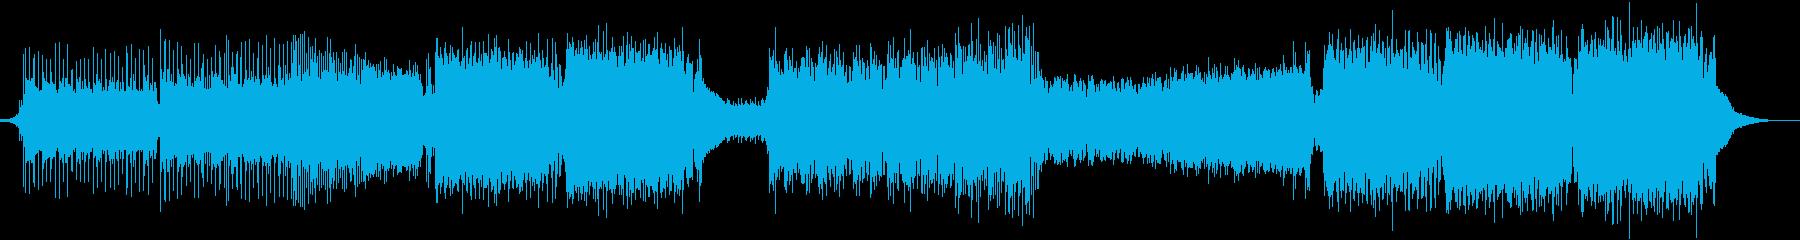 小室進行シンセメインのエモいEDMの再生済みの波形